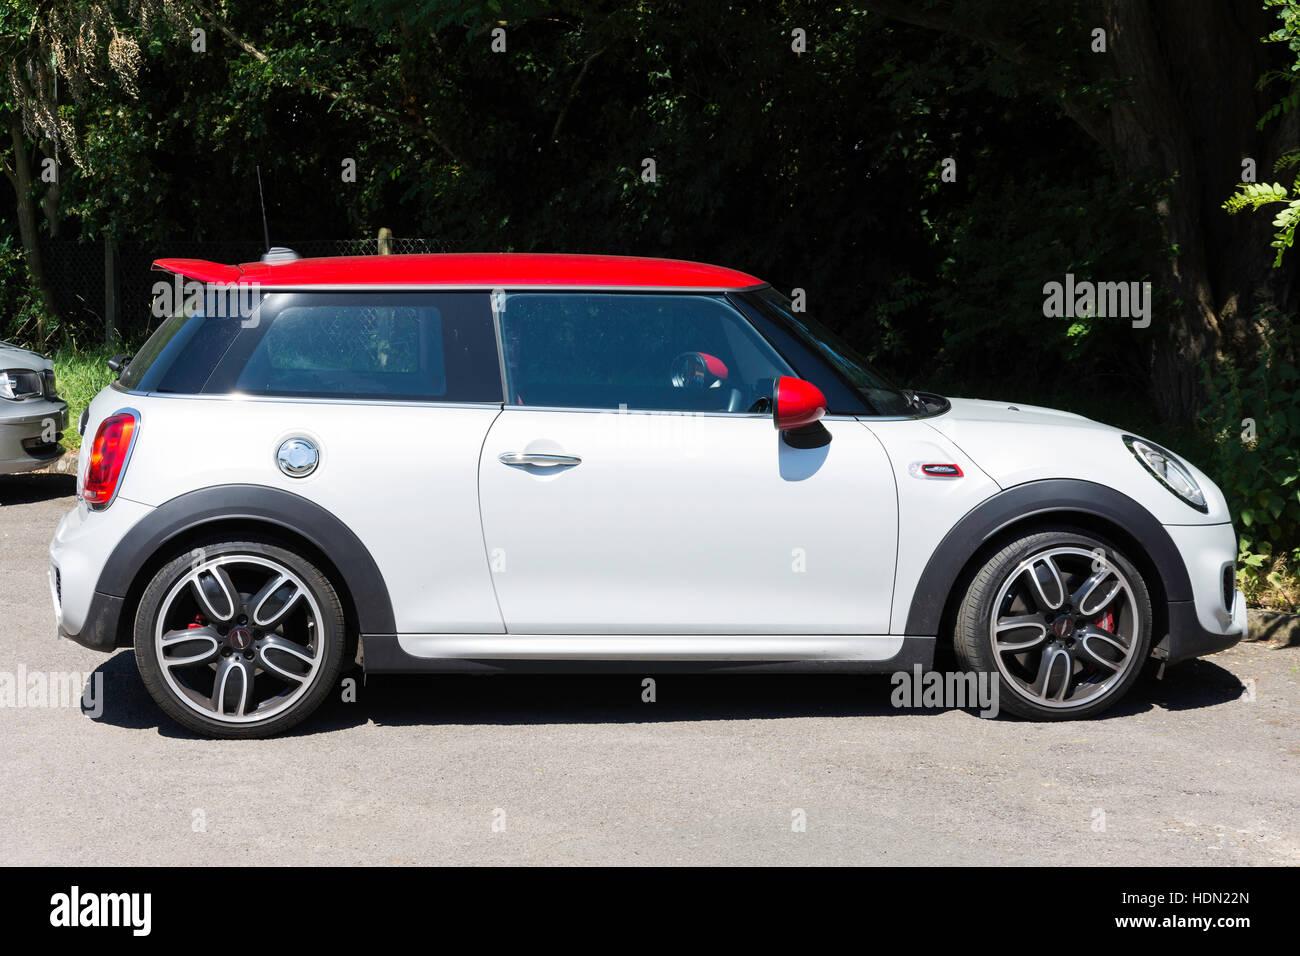 Rojo y blanco (BMW Mini Cooper)en zona de aparcamiento, Chobham, Surrey, Inglaterra, Reino Unido Imagen De Stock